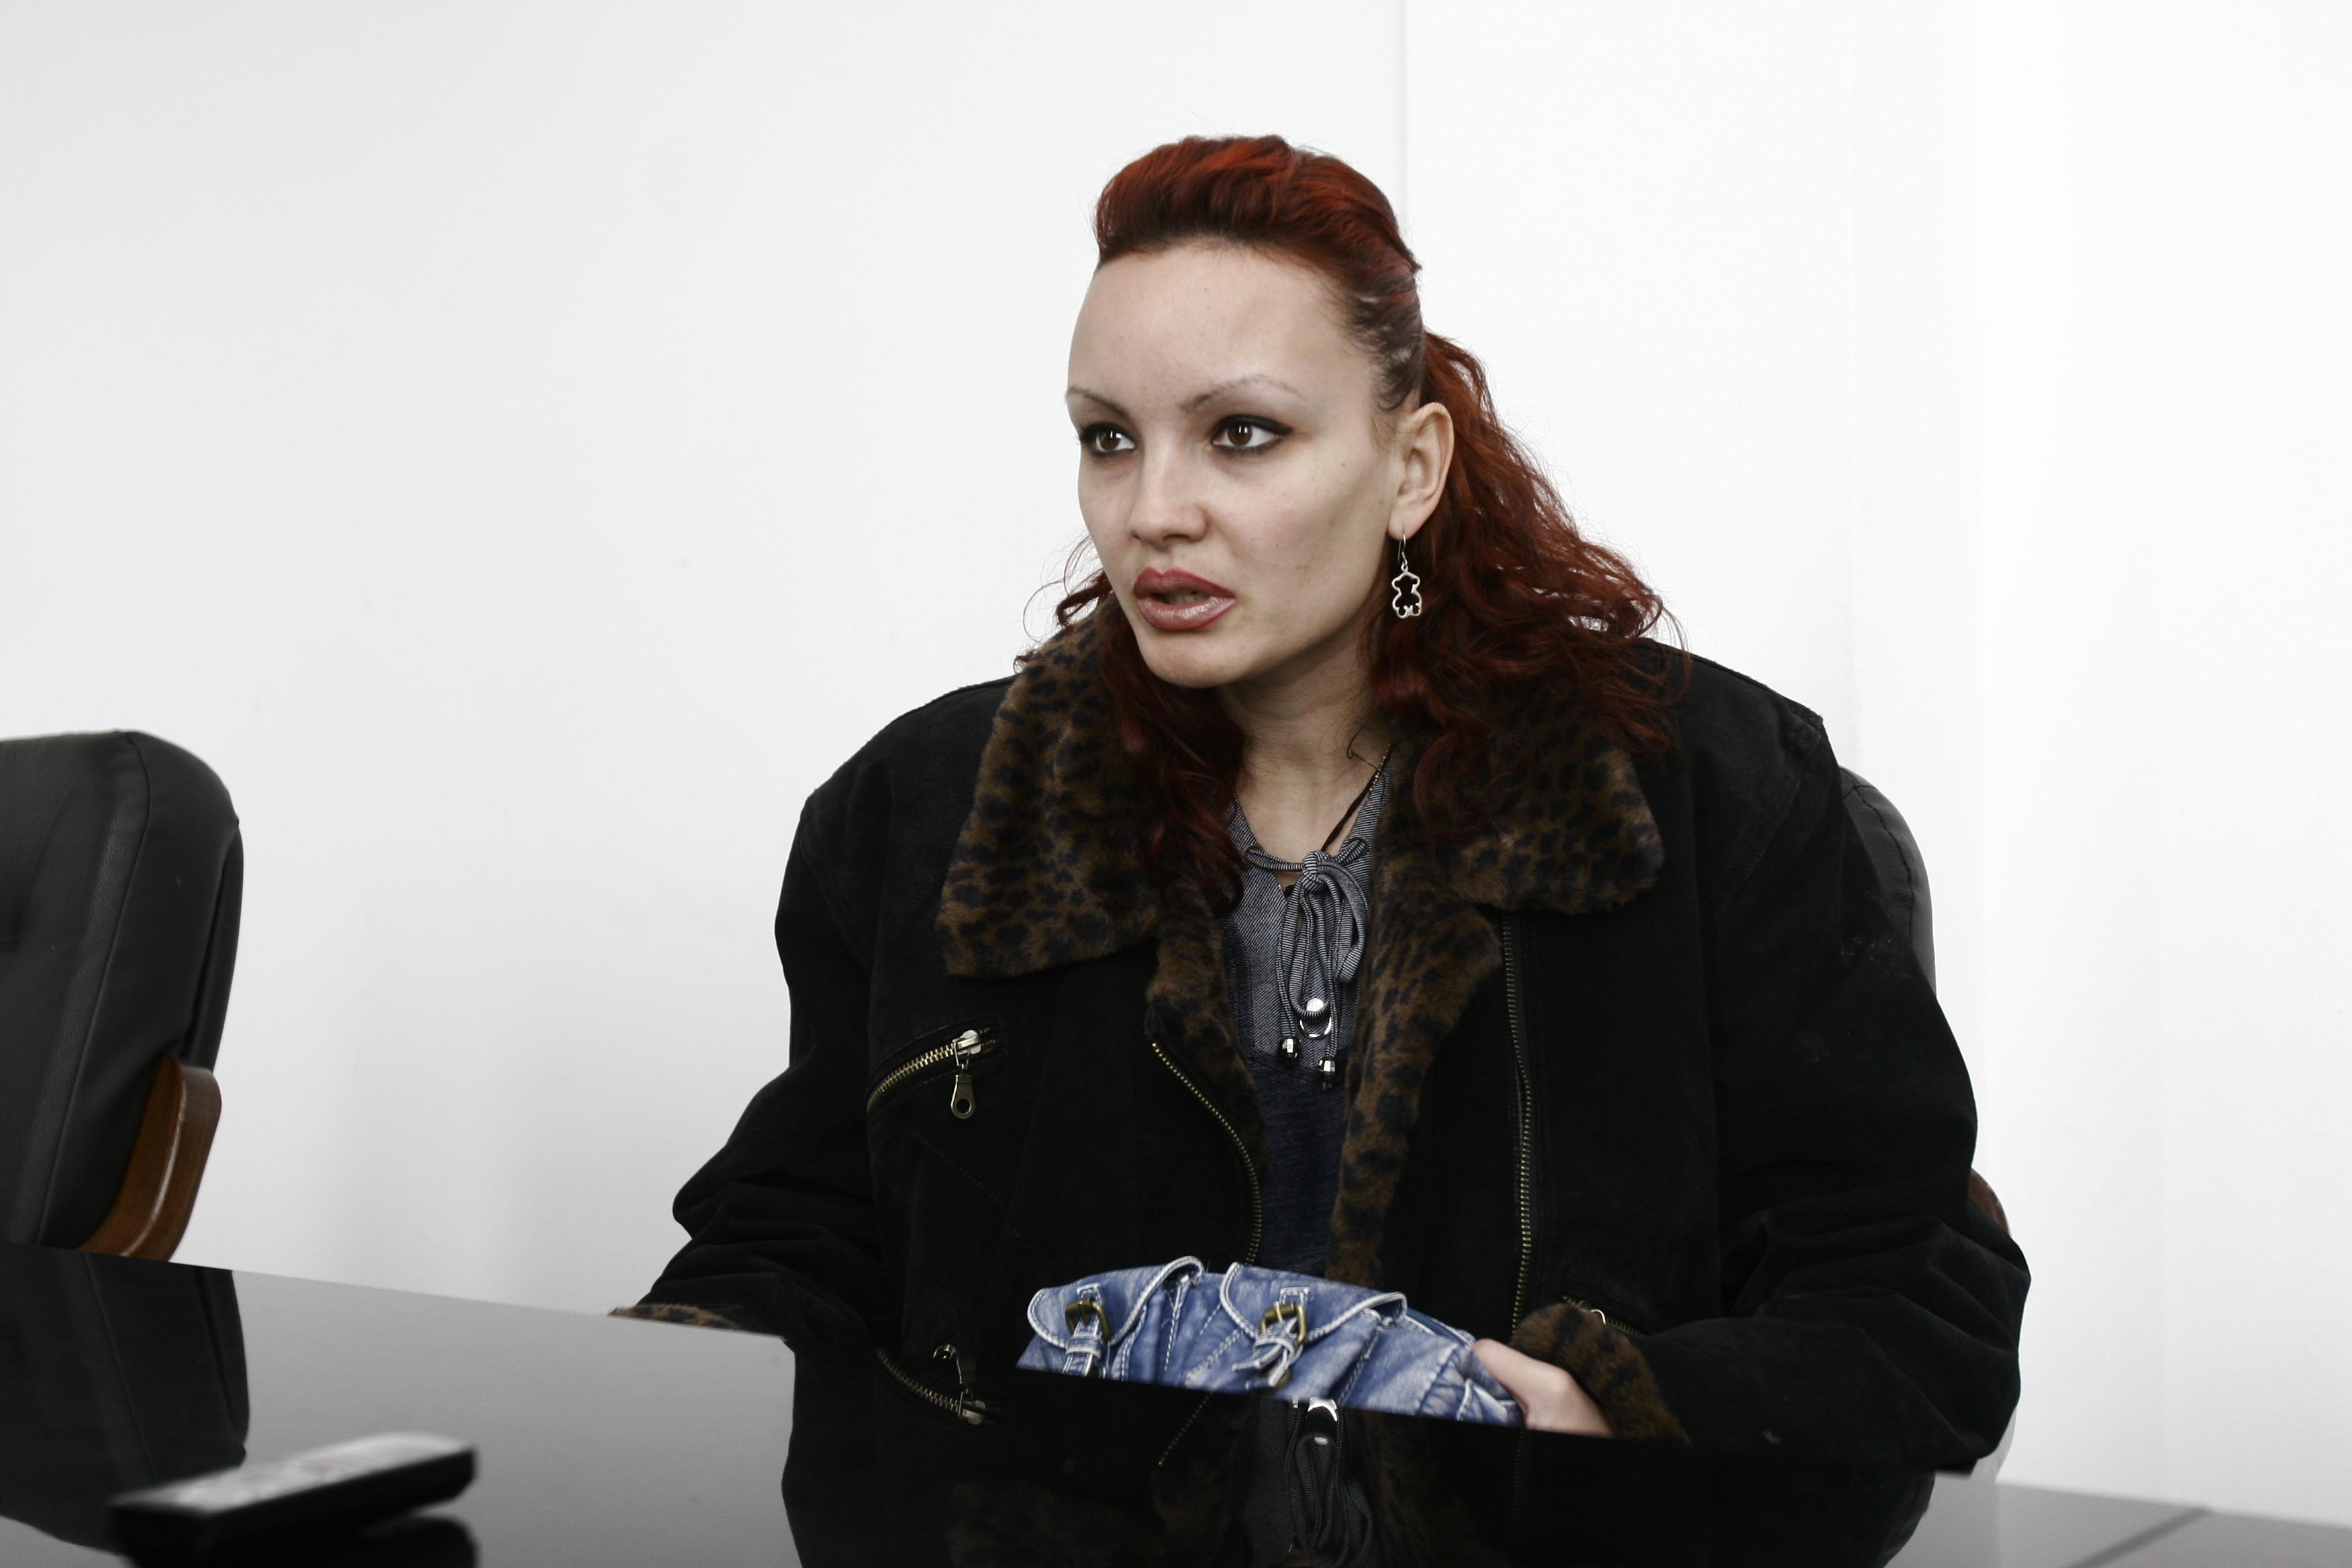 Fiica fostului ambasador in 2009